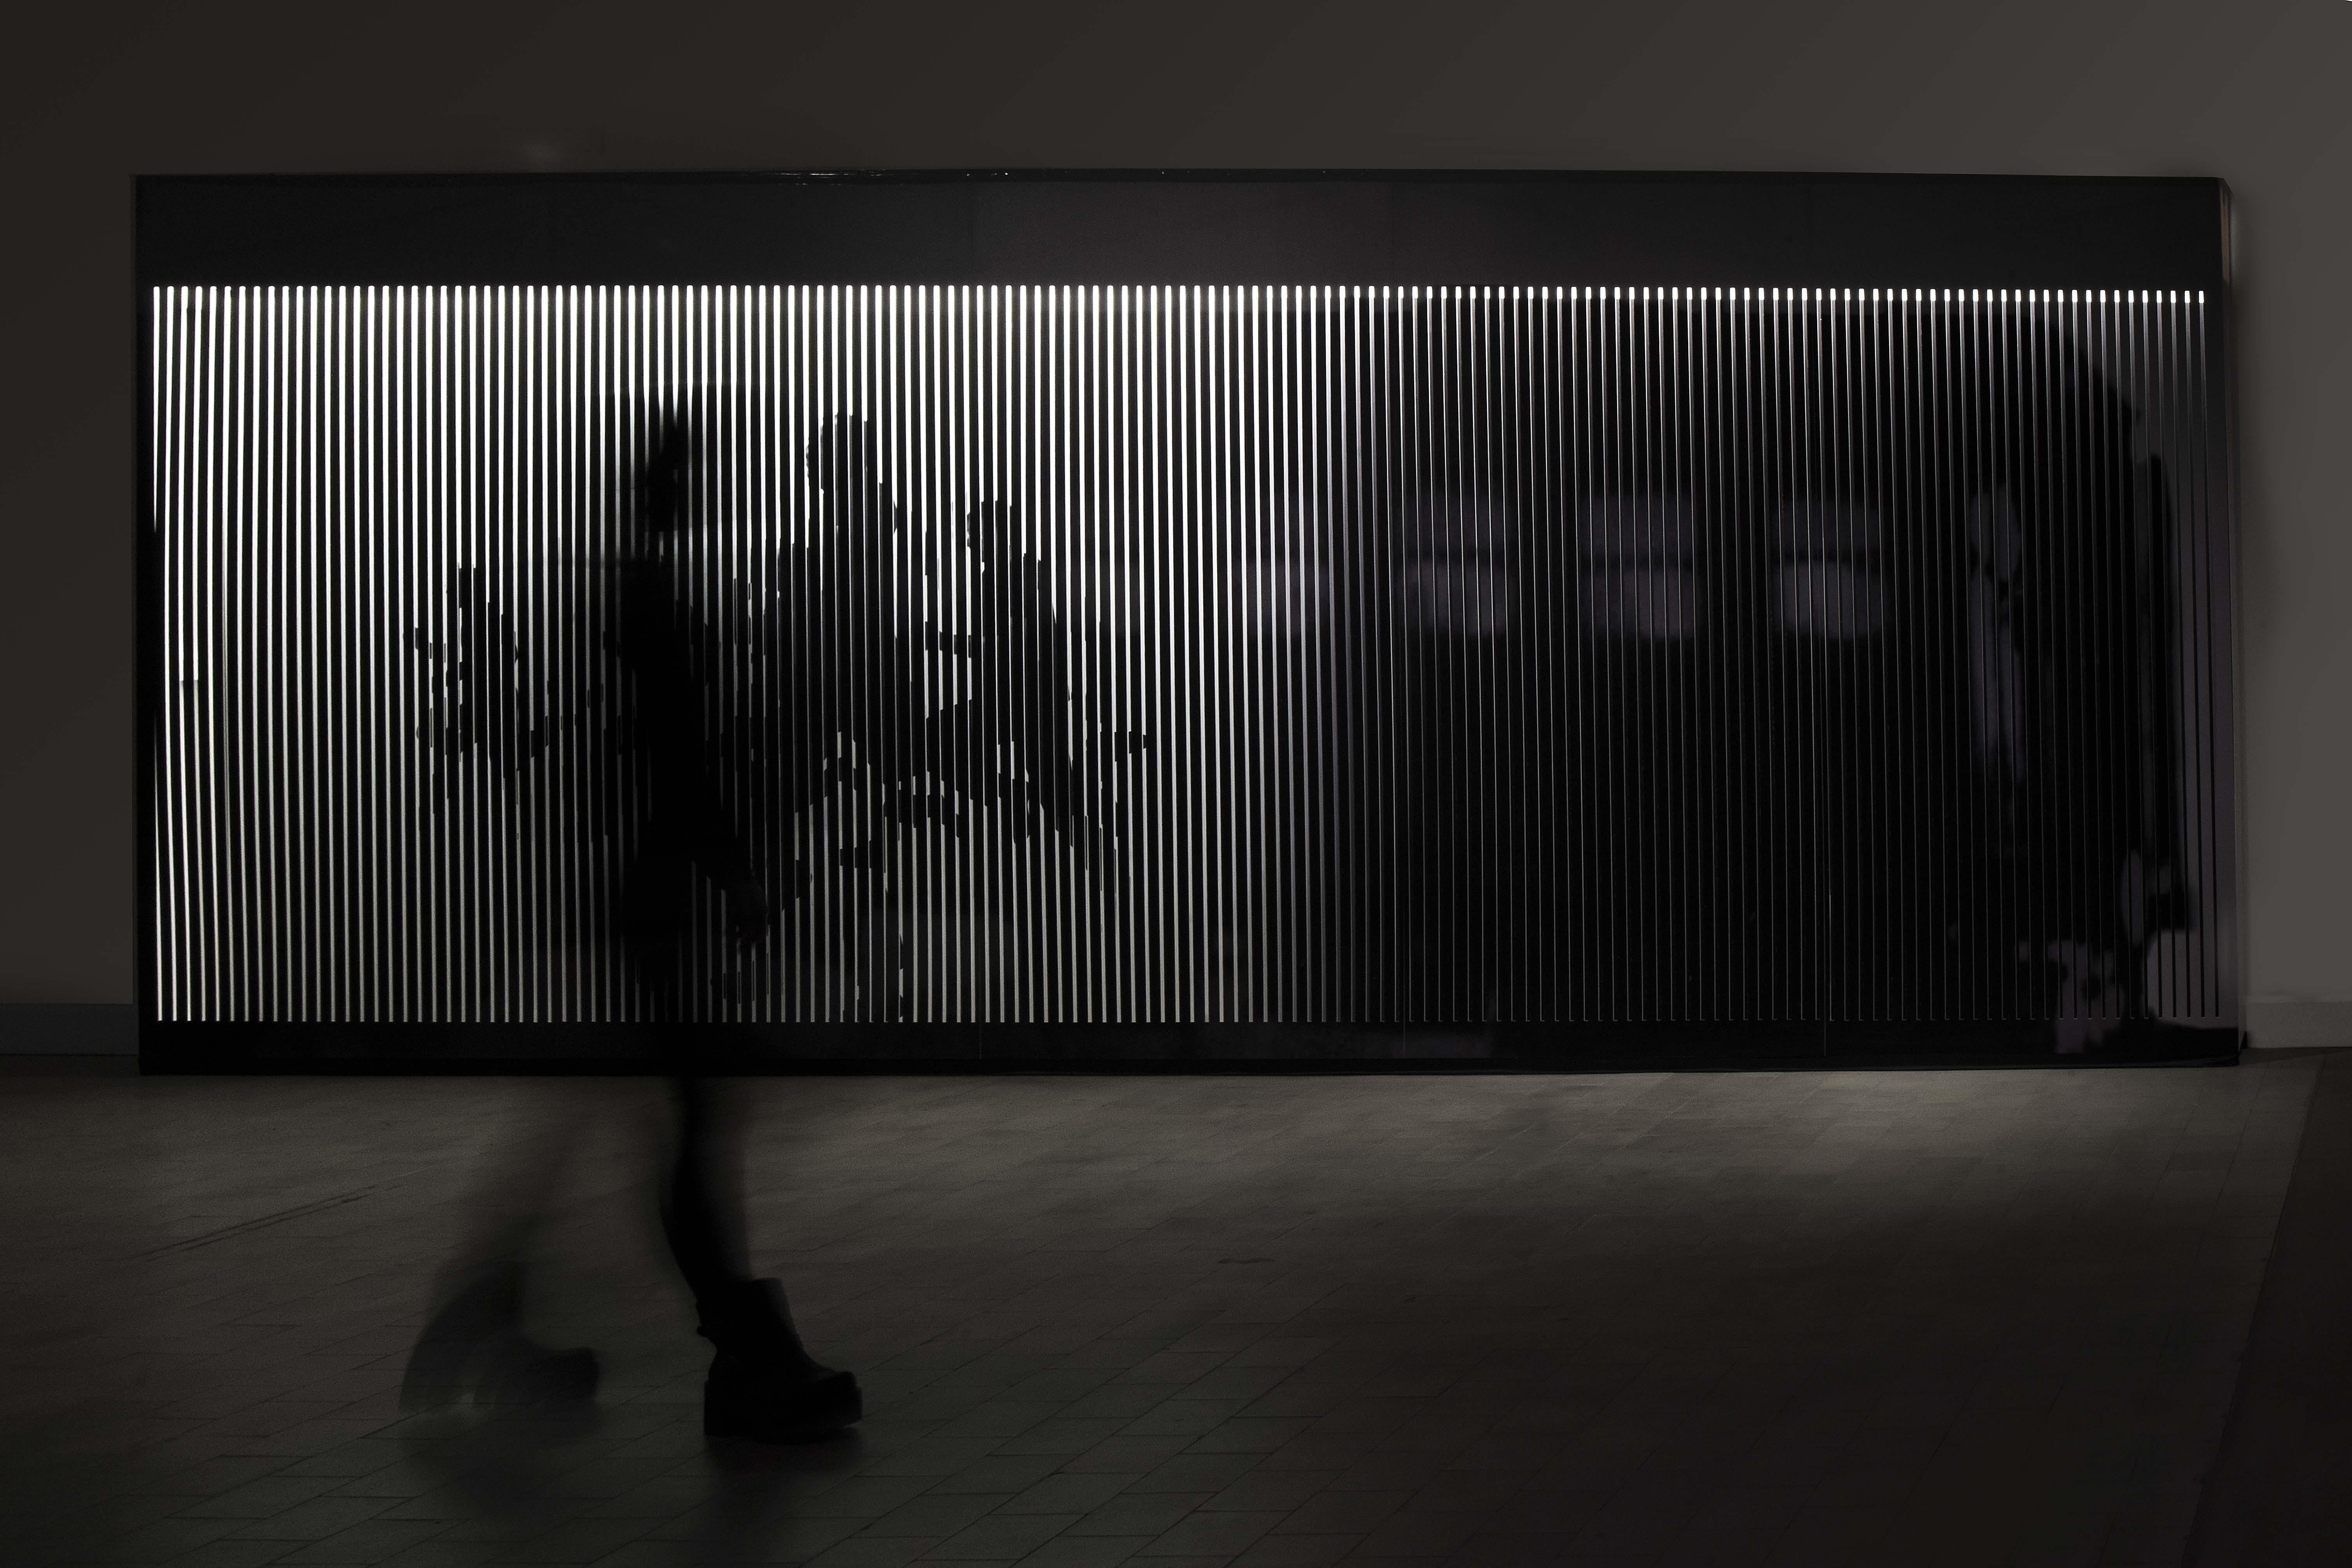 Graciela Sacco, Fueron al Norte para llegar al Sur, 2014, Instalación, Impresión digital sobre dos pantallas en paralelo, 250 x 650 cm